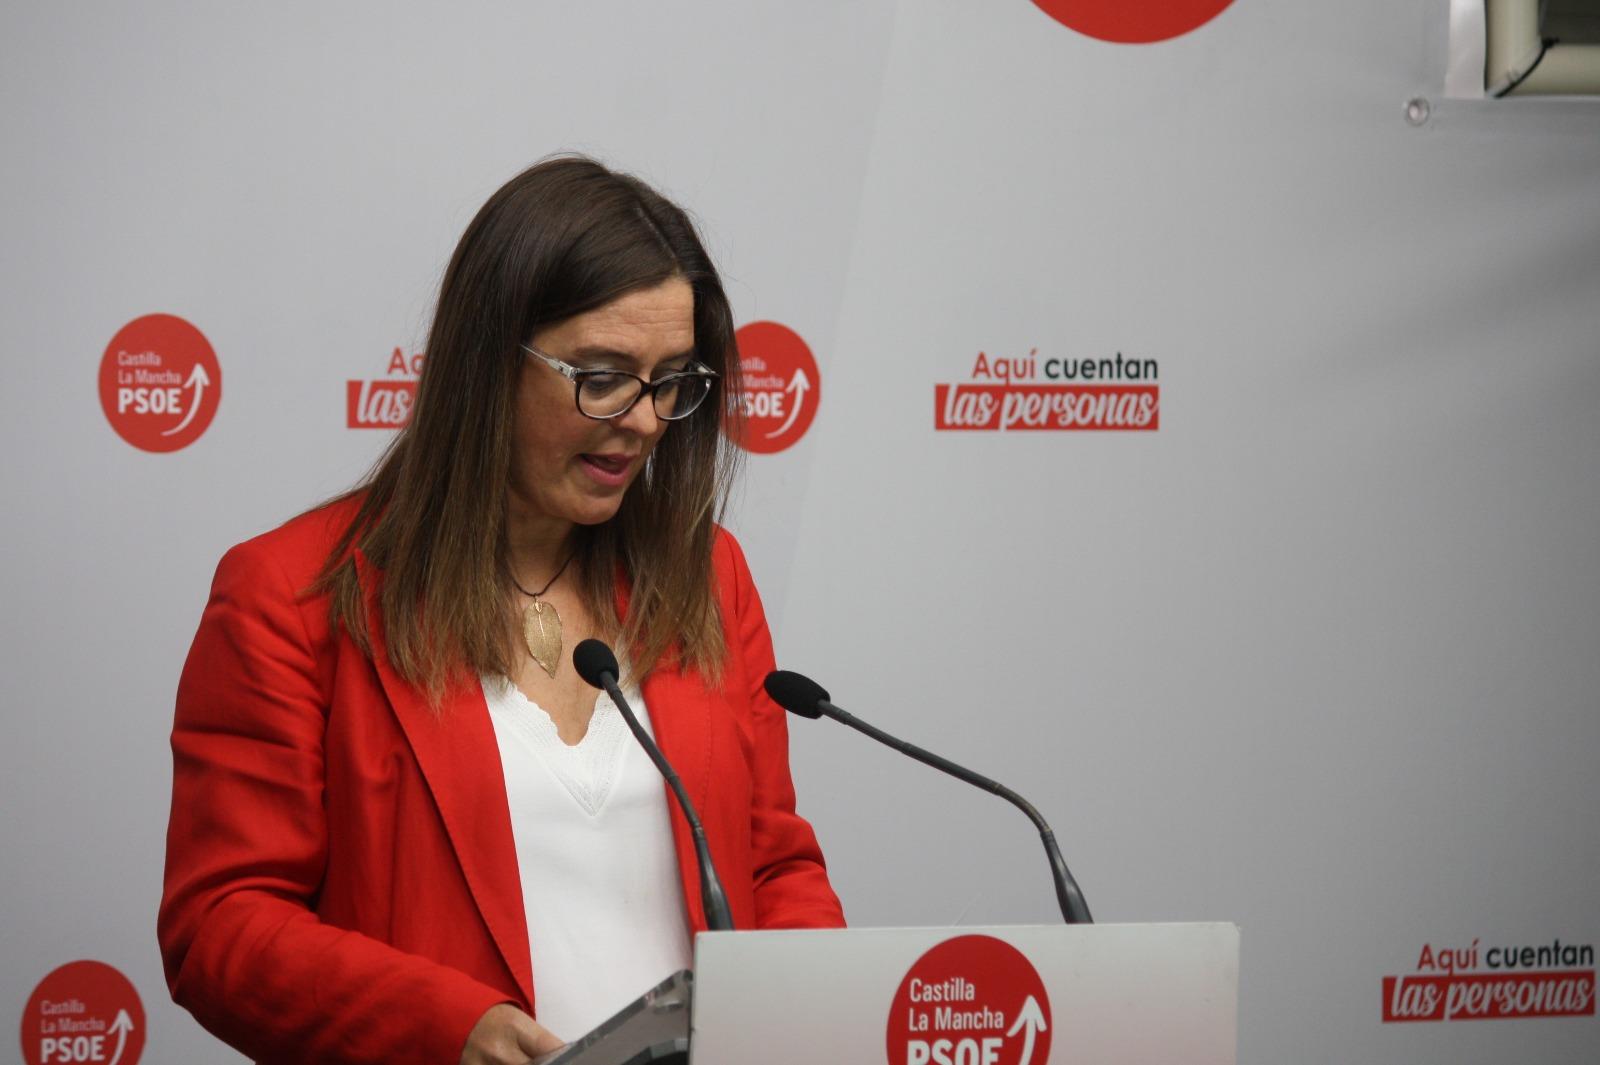 """El PSOE de CLM destaca el """"revulsivo"""" que supondrá la declaración de Patrimonio de la Humanidad de la cerámica de Talavera y Puente del Arzobispo"""